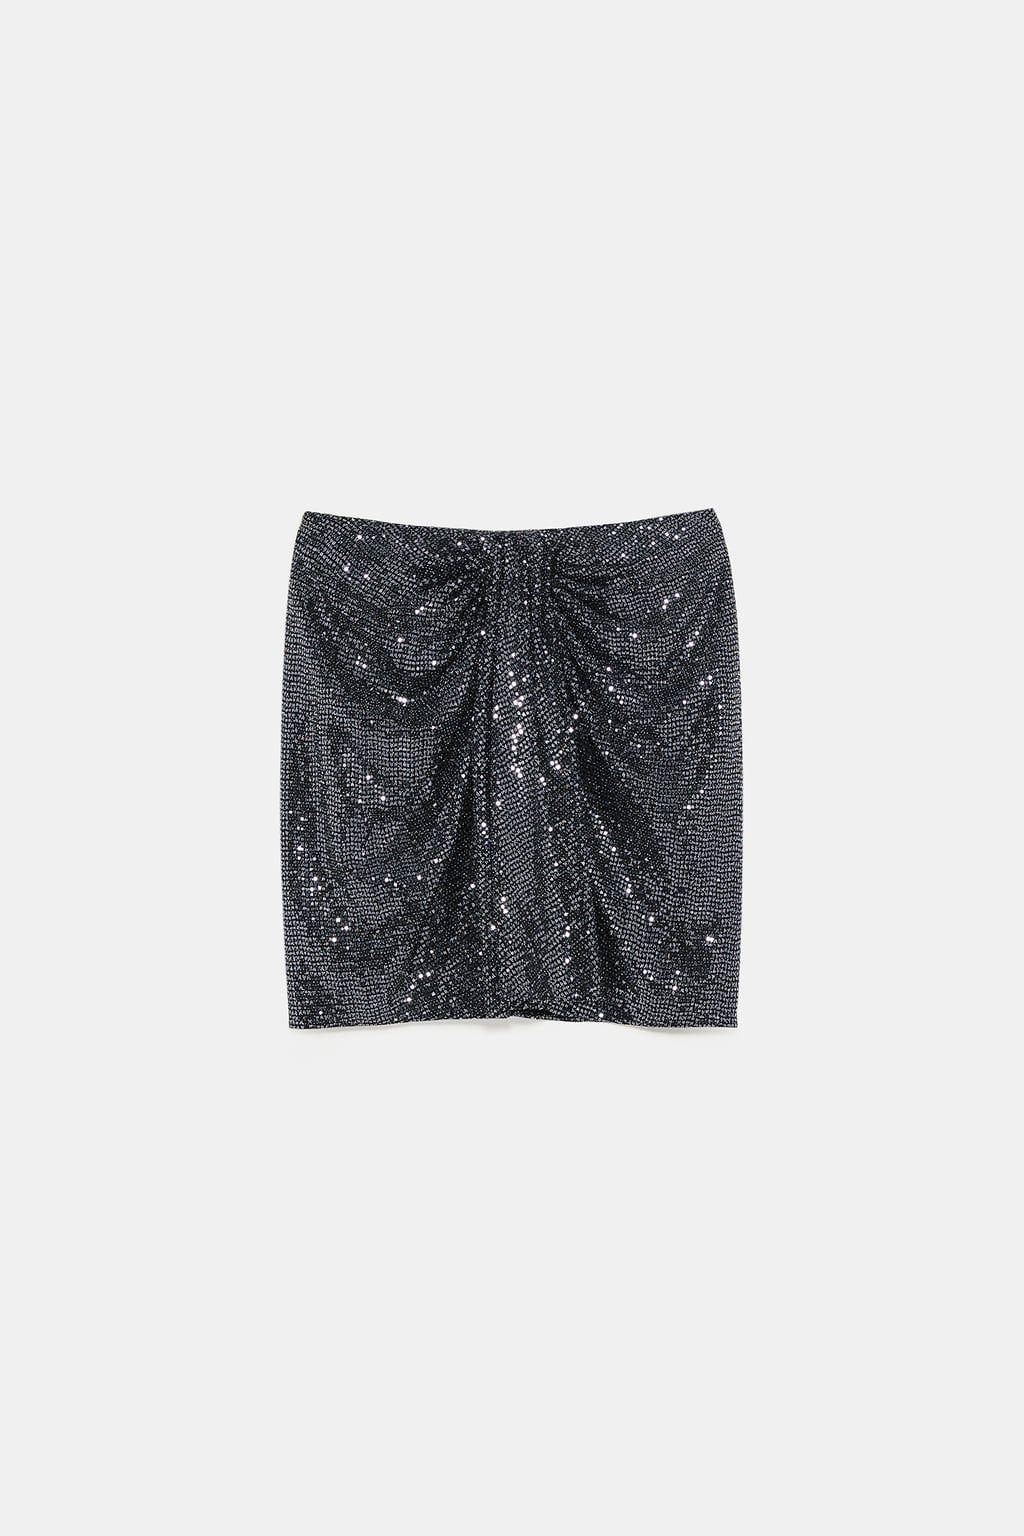 meilleure vente produits de commodité comment chercher Image 8 de MINI JUPE À PAILLETTES de Zara | Zara in 2019 ...